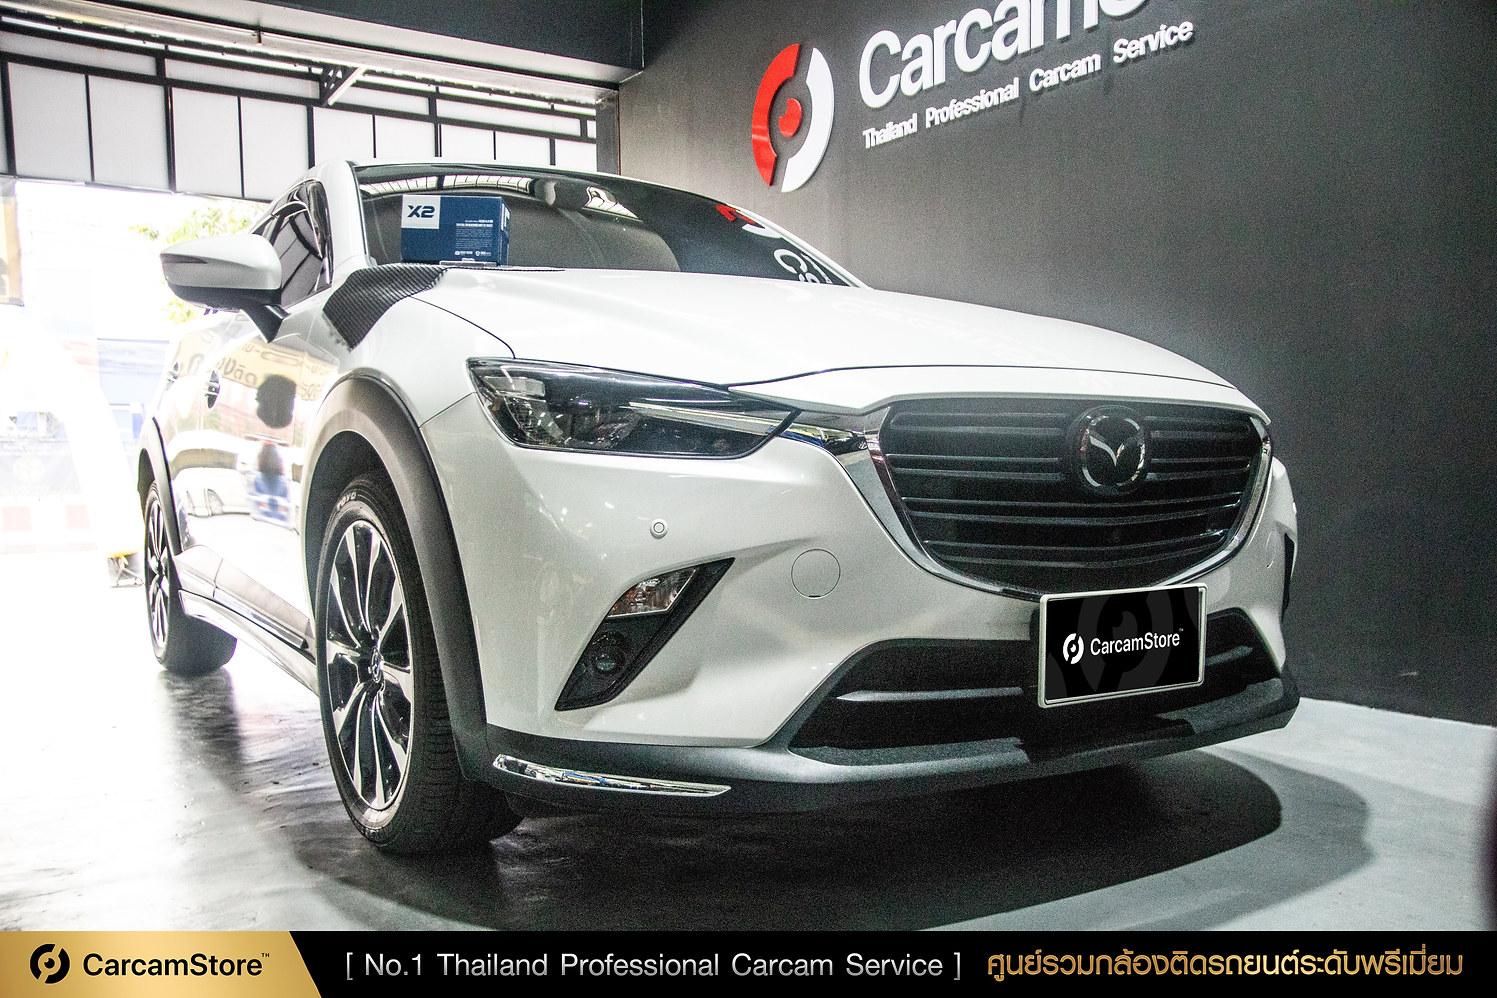 งานติดตั้งระดับมืออาชีพ GNET X2 กับรถ Mazda CX-3